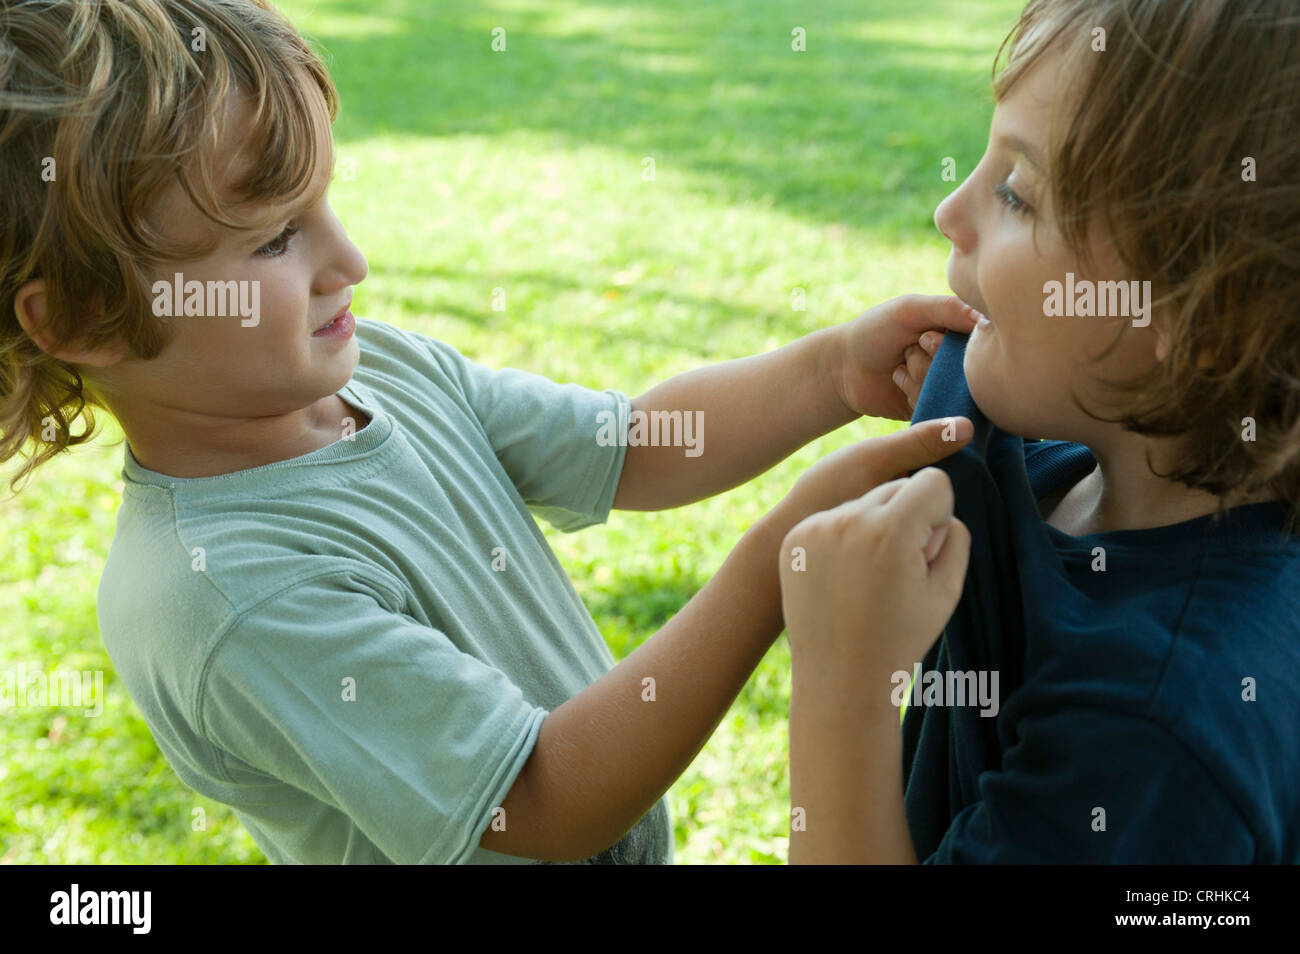 Ragazzi combattimenti, una presa dell'altro shirt Immagini Stock